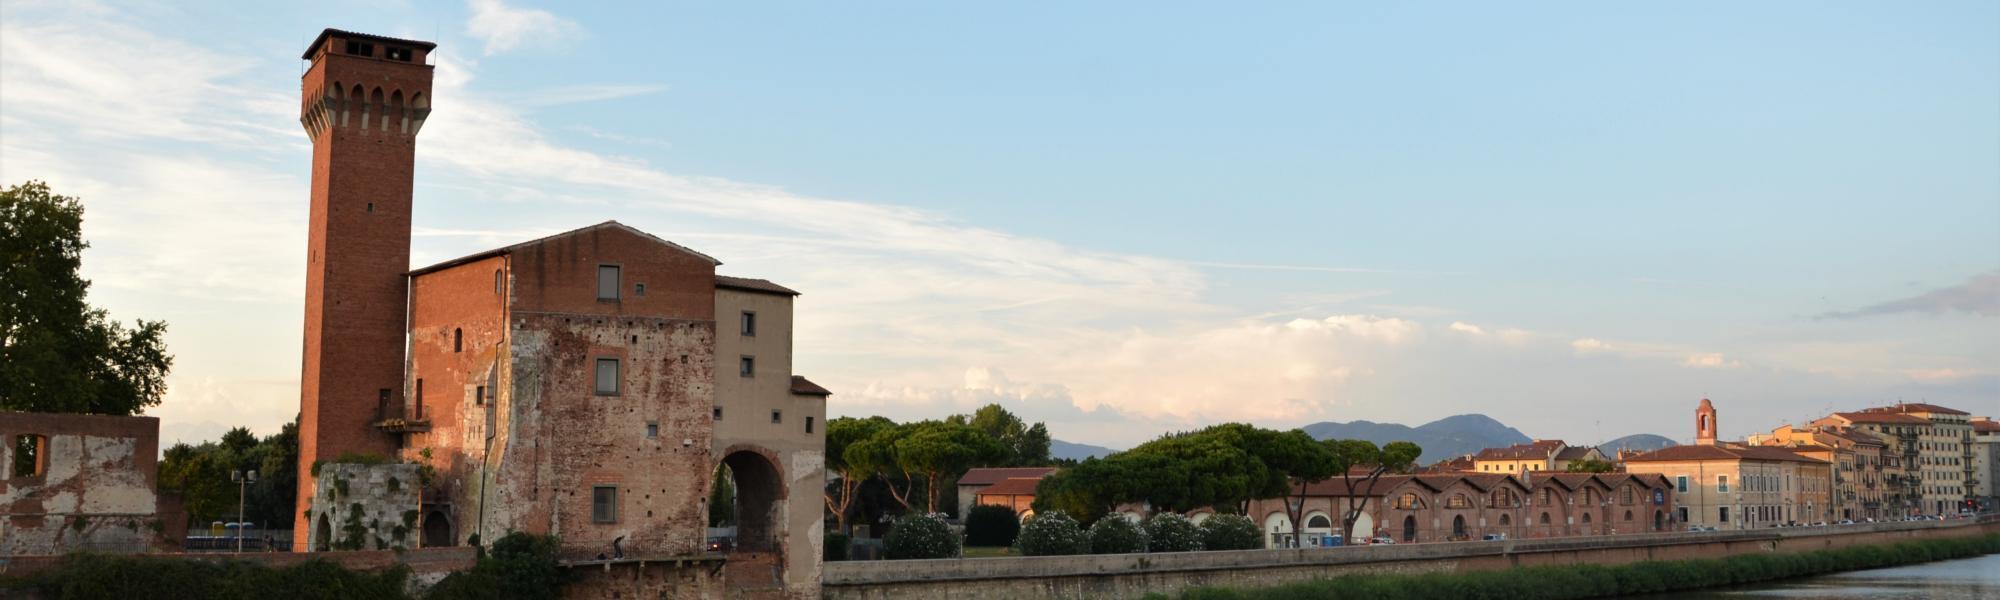 Veduta Cittadella e Arsenali medicei (L. Corevi, Comune di Pisa)